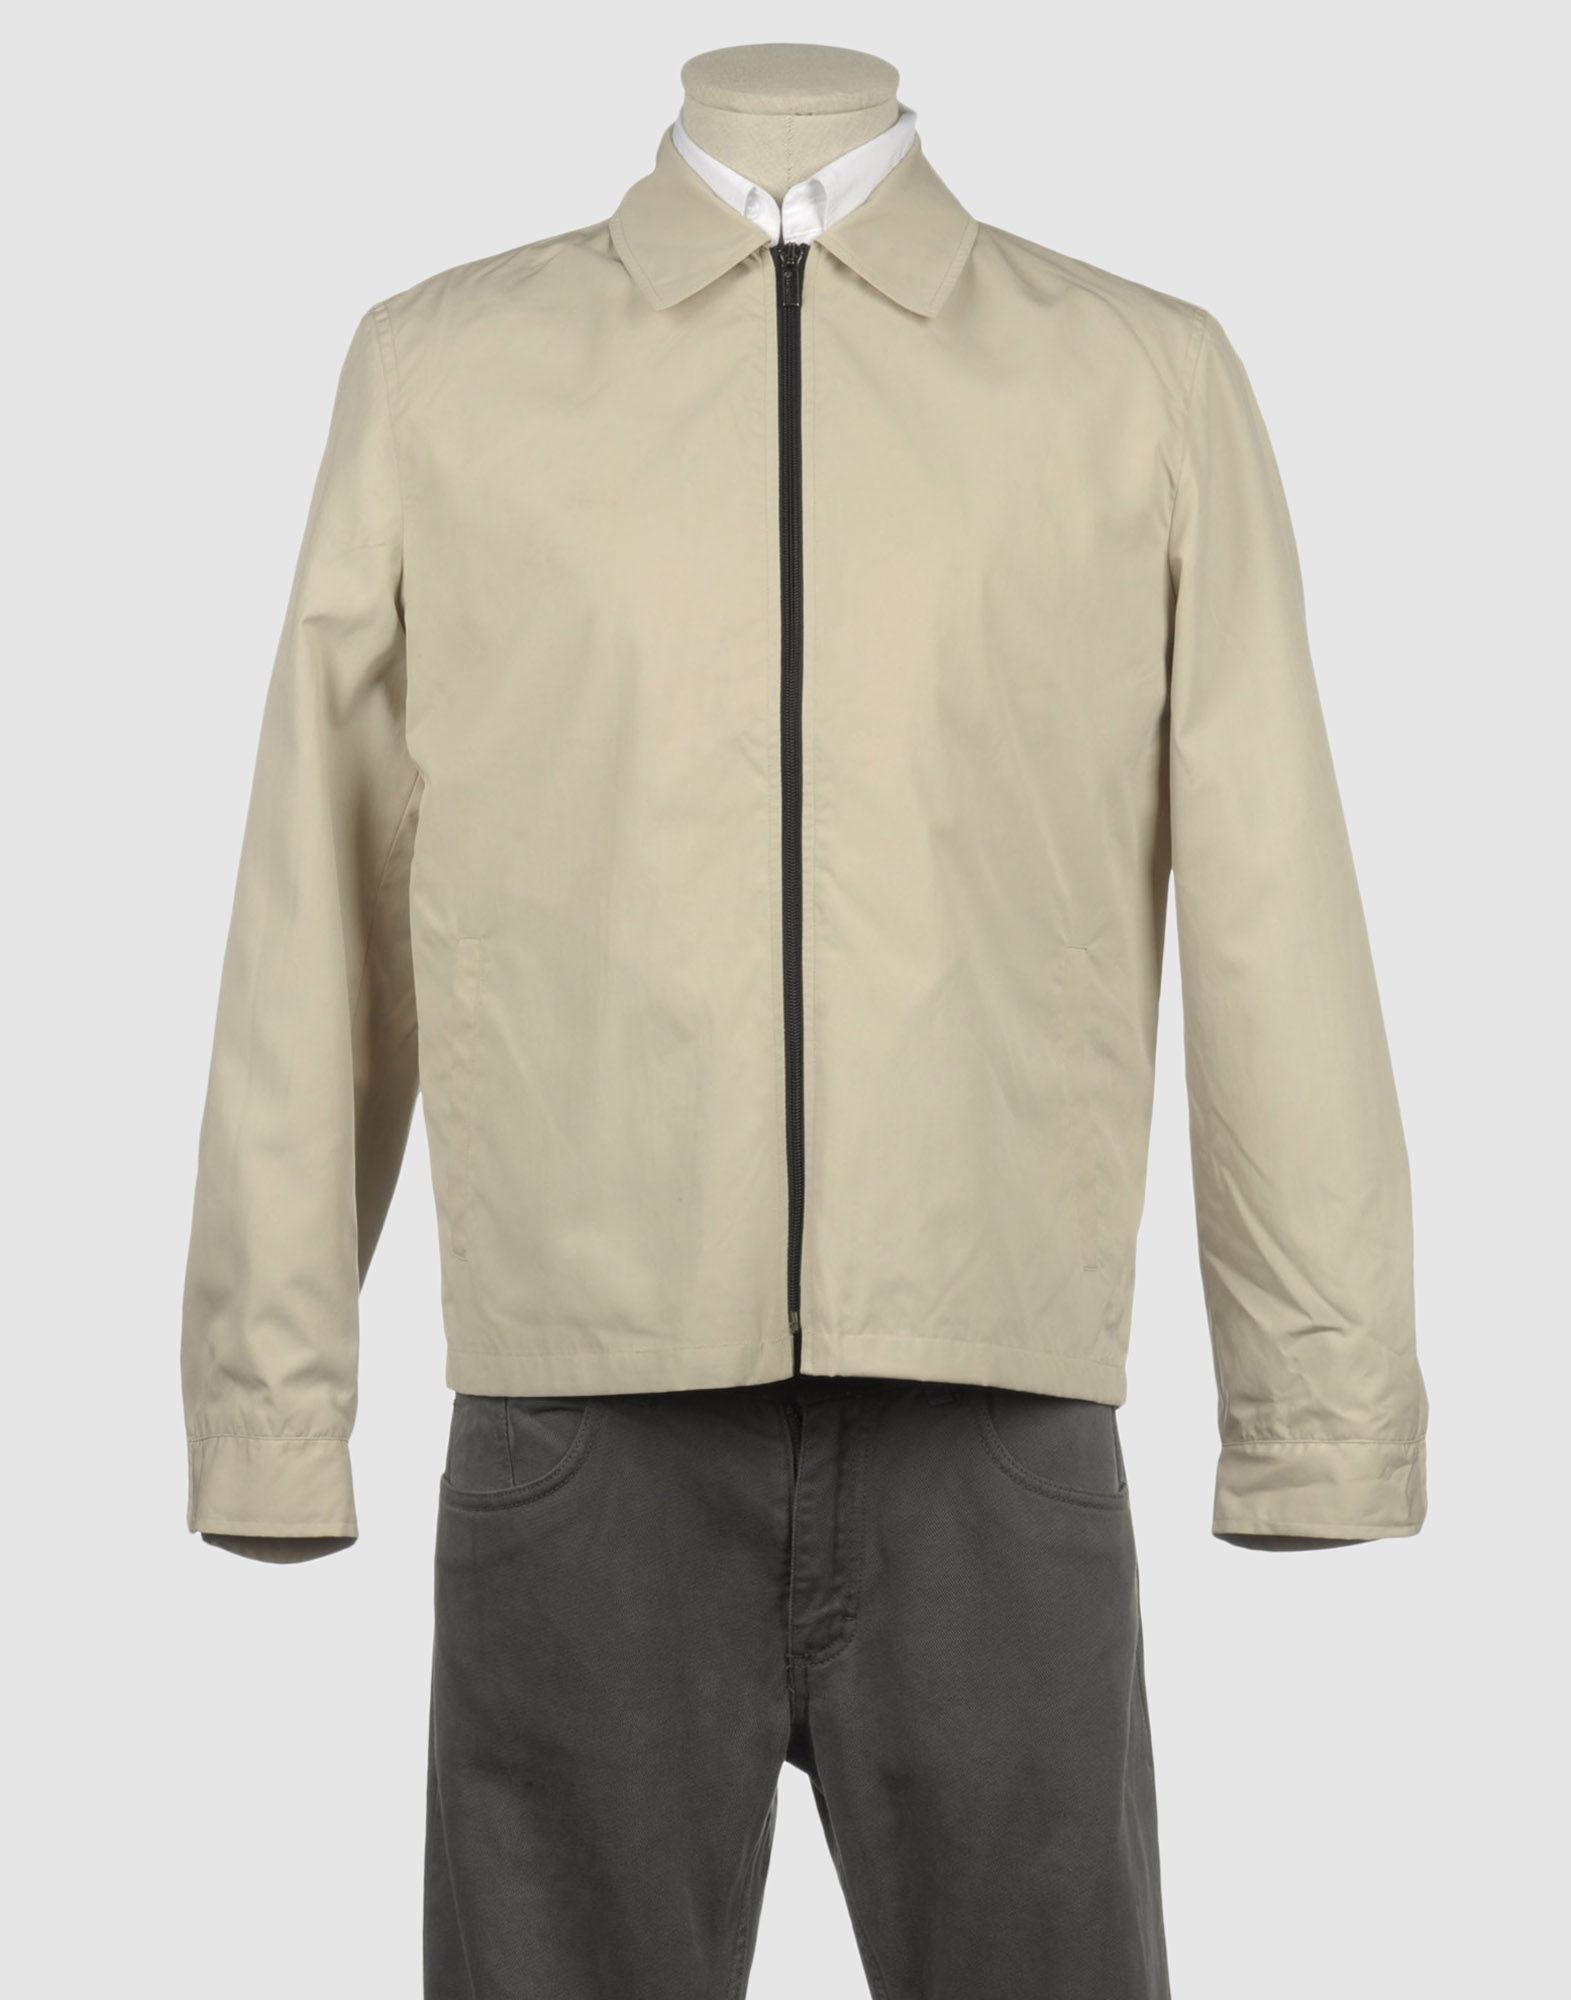 SAMSONITE Jacket in Beige